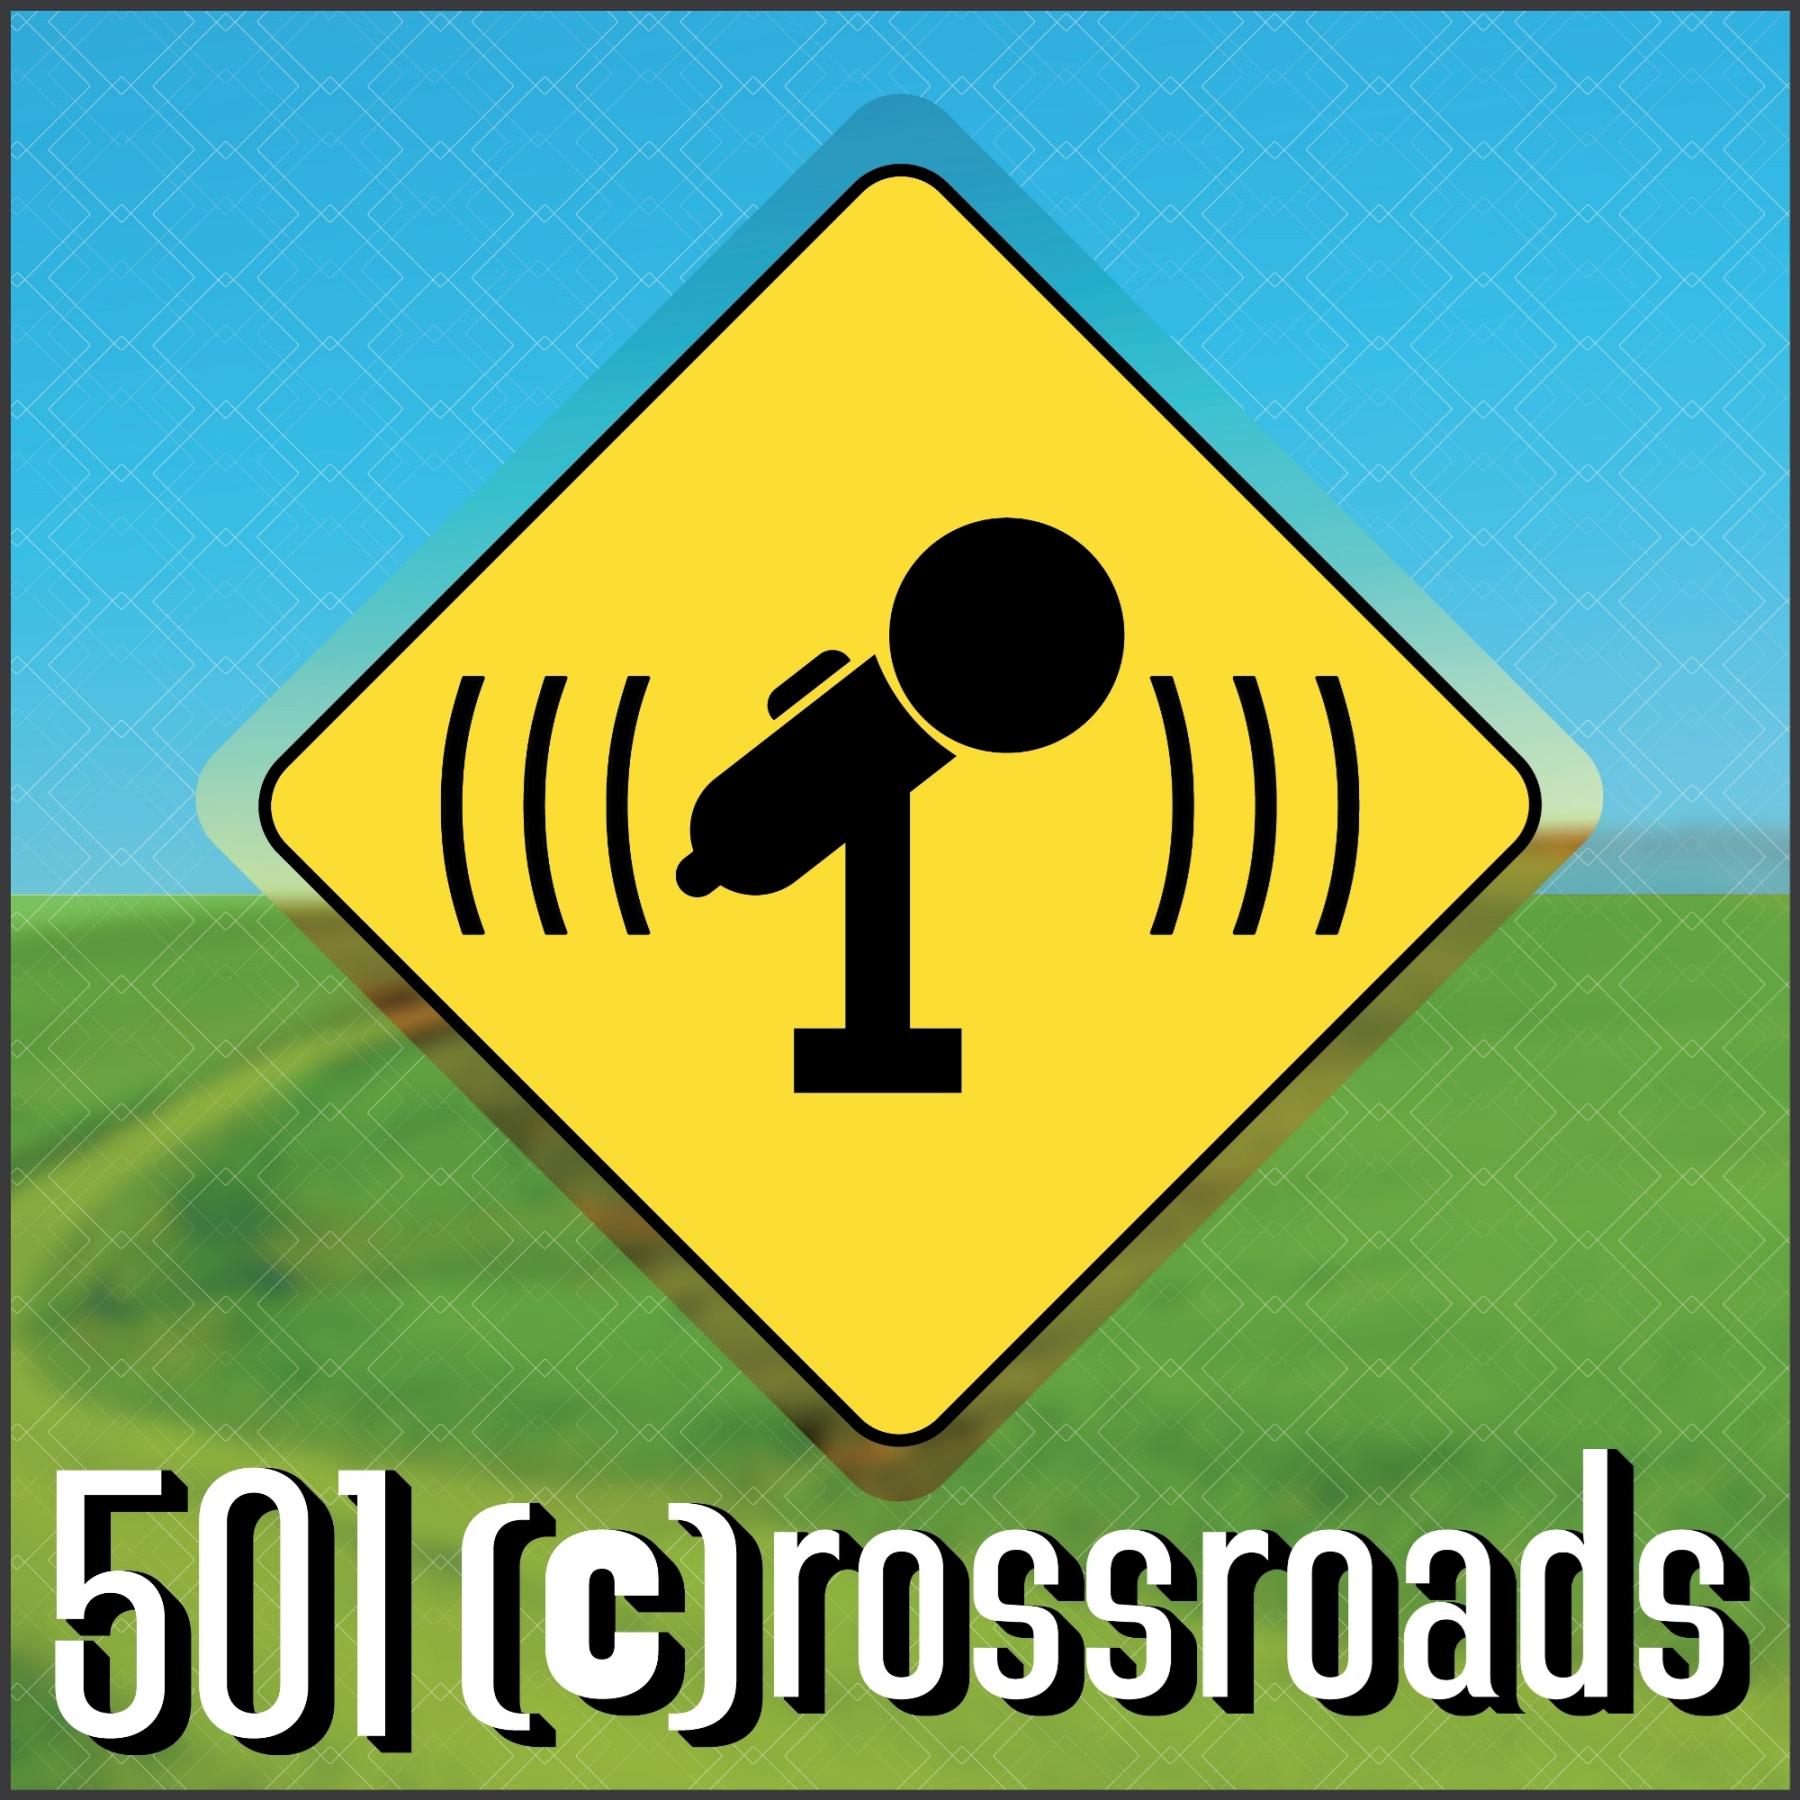 501Crossroads